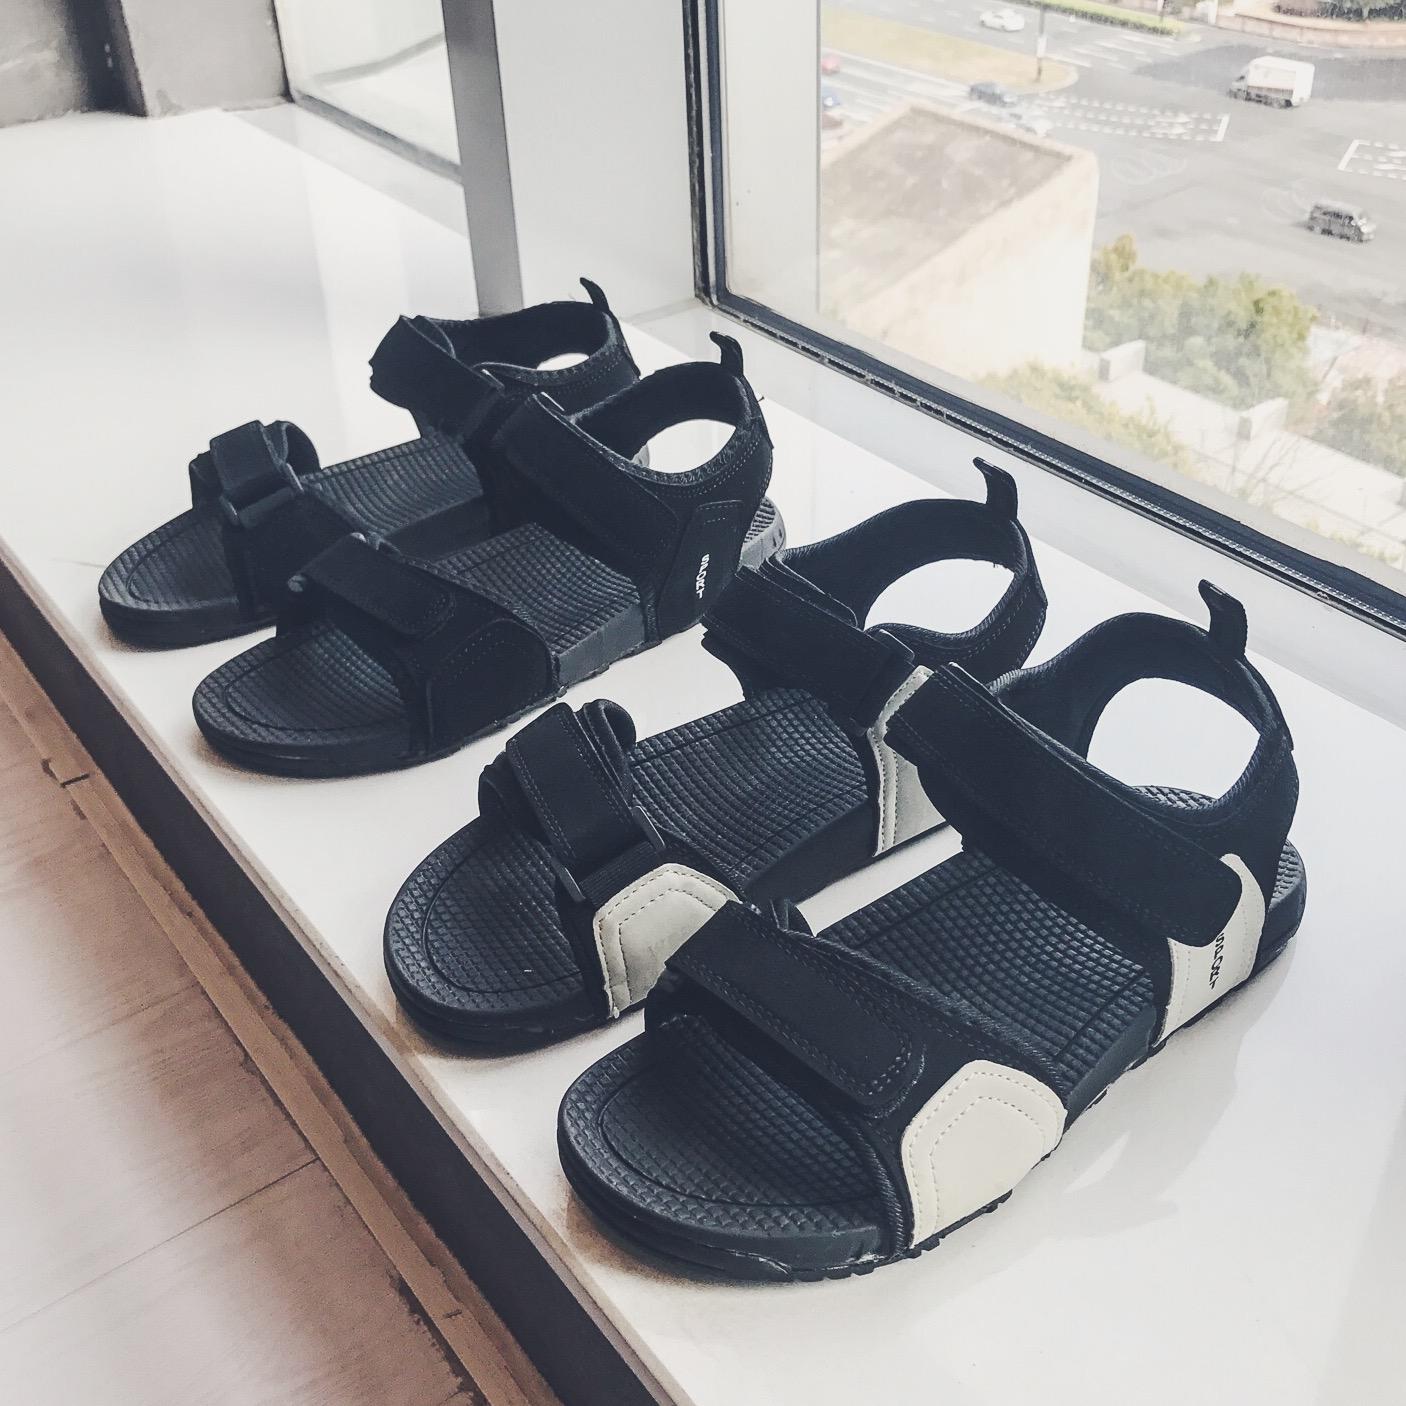 港仔文艺2019新款夏季韩版罗马鞋港风拖鞋沙滩凉鞋611-F15-P45